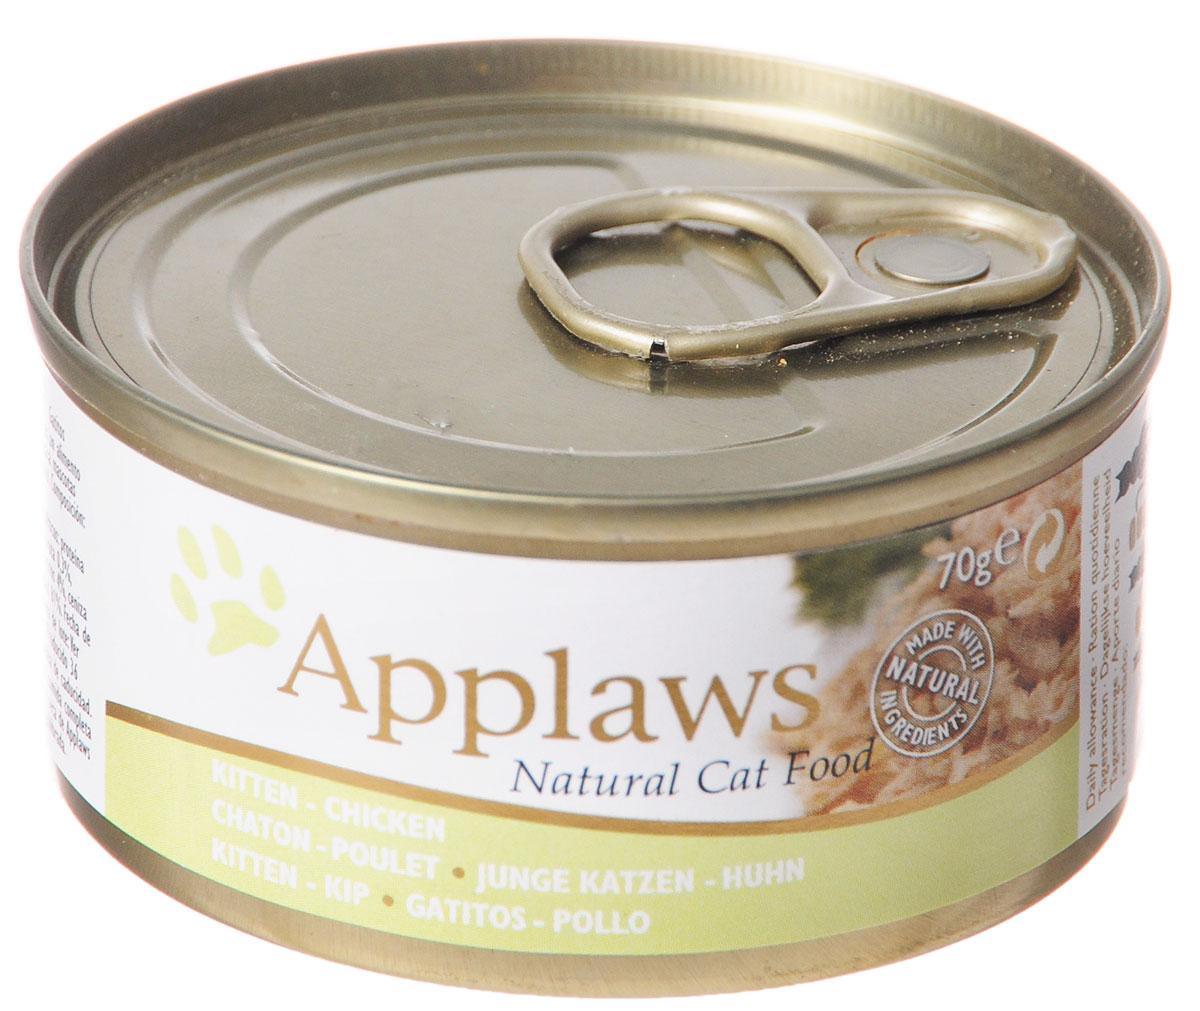 Консервы для котят Applaws, с курицей, 70 г0120710Каждая баночка Applaws содержит порцию свежего мяса, приготовленного в собственном бульоне. Для приготовления любого типа консервов используется мясо животных свободного выгула, выращенных на фермах Англии. В состав каждого рецепта входит только три/четыре основных ингредиента и ничего более. Не содержит ГМО, синтетических консервантов или красителей. Не содержит вкусовых добавок.Состав: филе куриной грудки 28%, рис, минералы.Анализ: белок 11%, клетчатка 0,3%, жиры 4%, зола 2%, влага 81%.Товар сертифицирован.